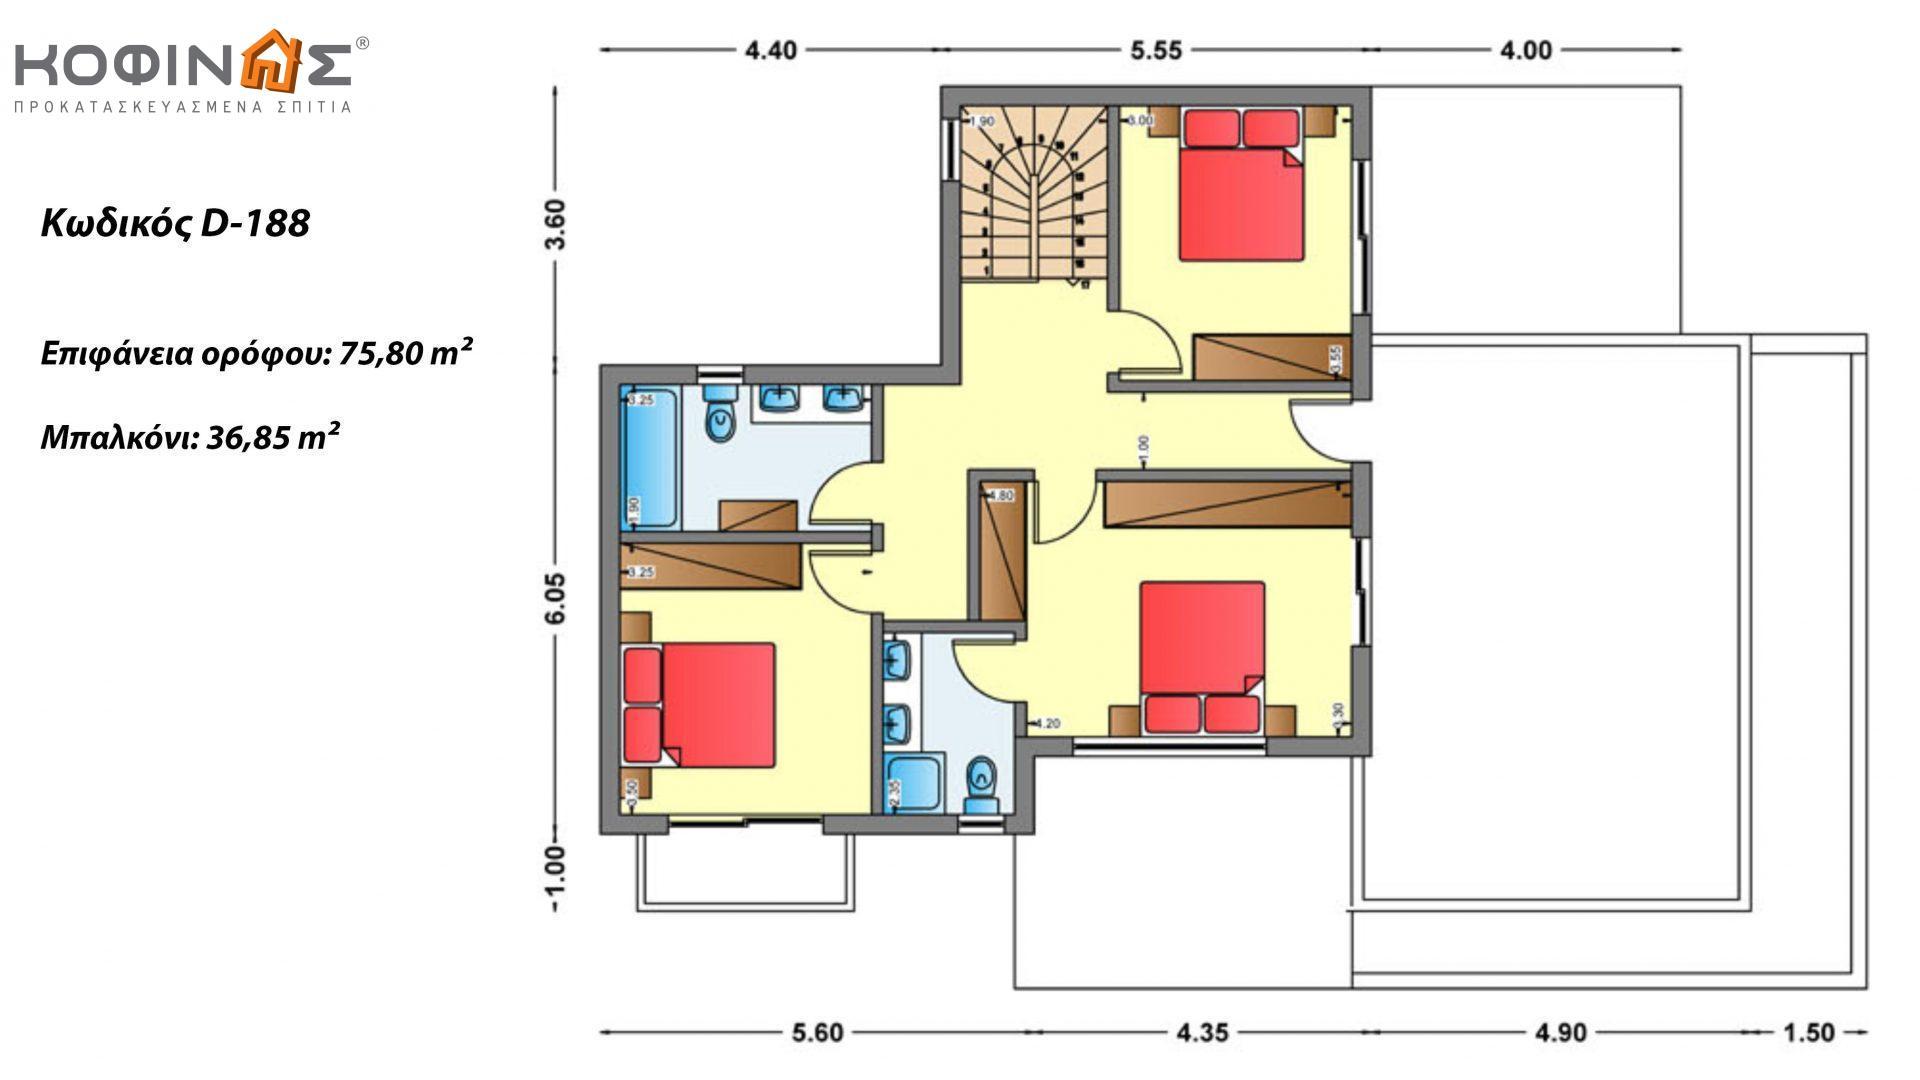 Διώροφη Κατοικία D-188, συνολικής επιφάνειας 188,60 τ.μ., συνολική επιφάνεια στεγασμένων χώρων 48.78 τ.μ., μπαλκόνια 36.85 τ.μ.